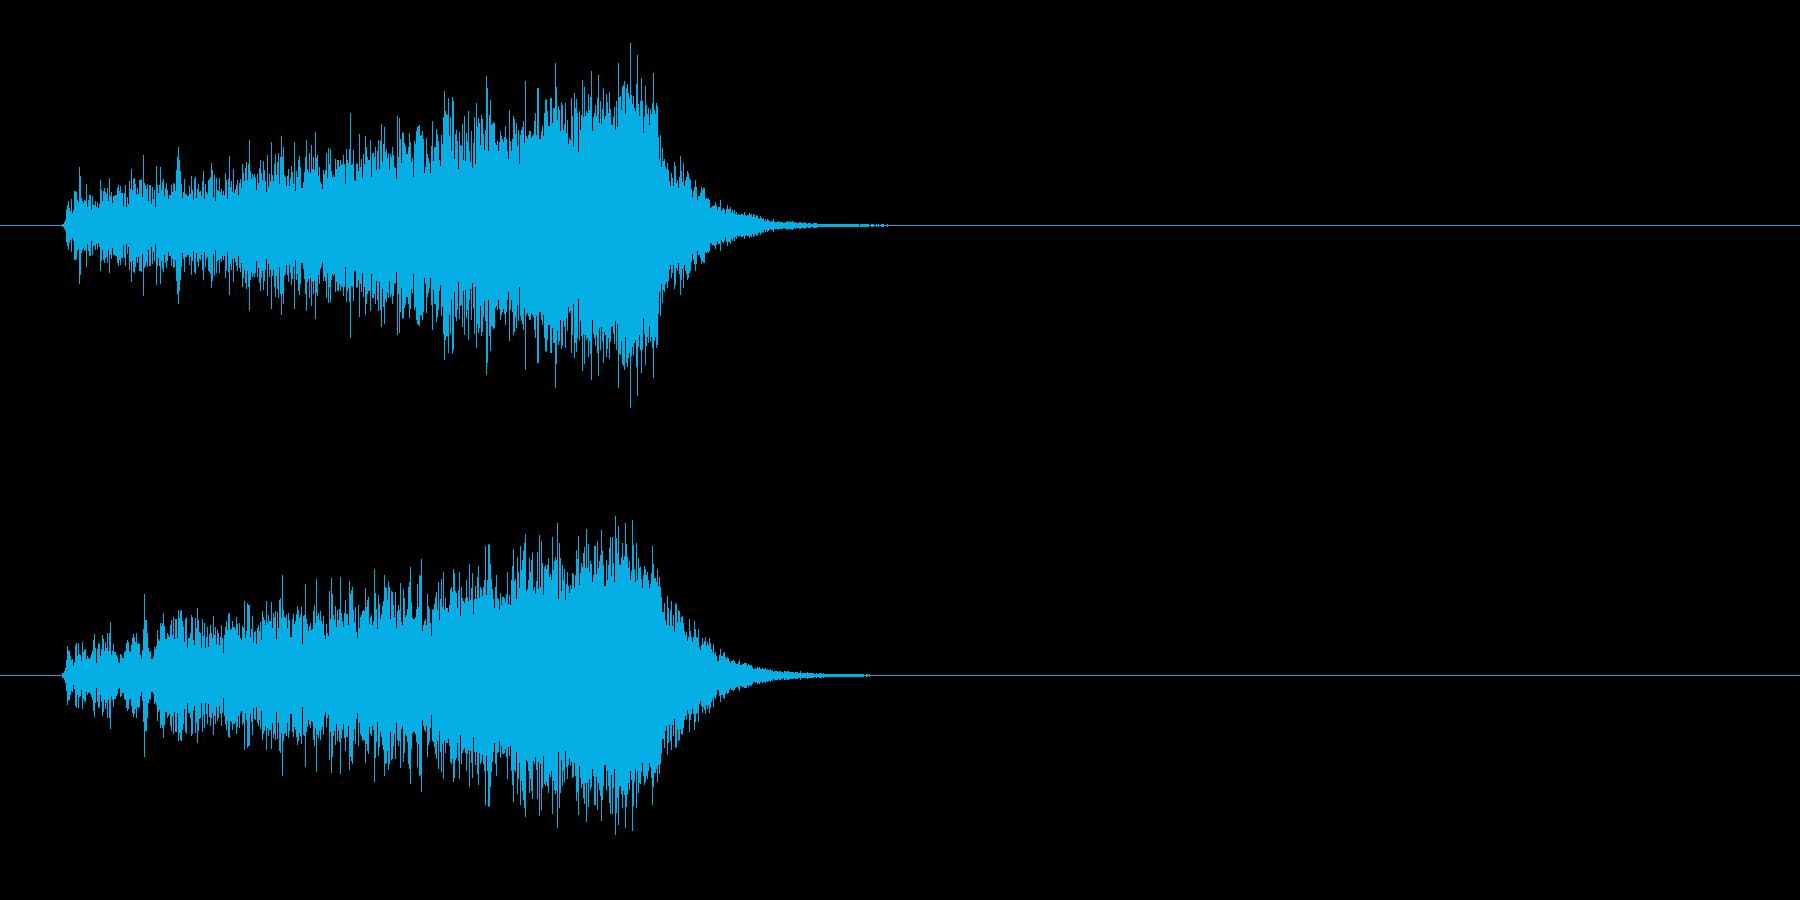 不穏な音色のストリングスのジングルの再生済みの波形